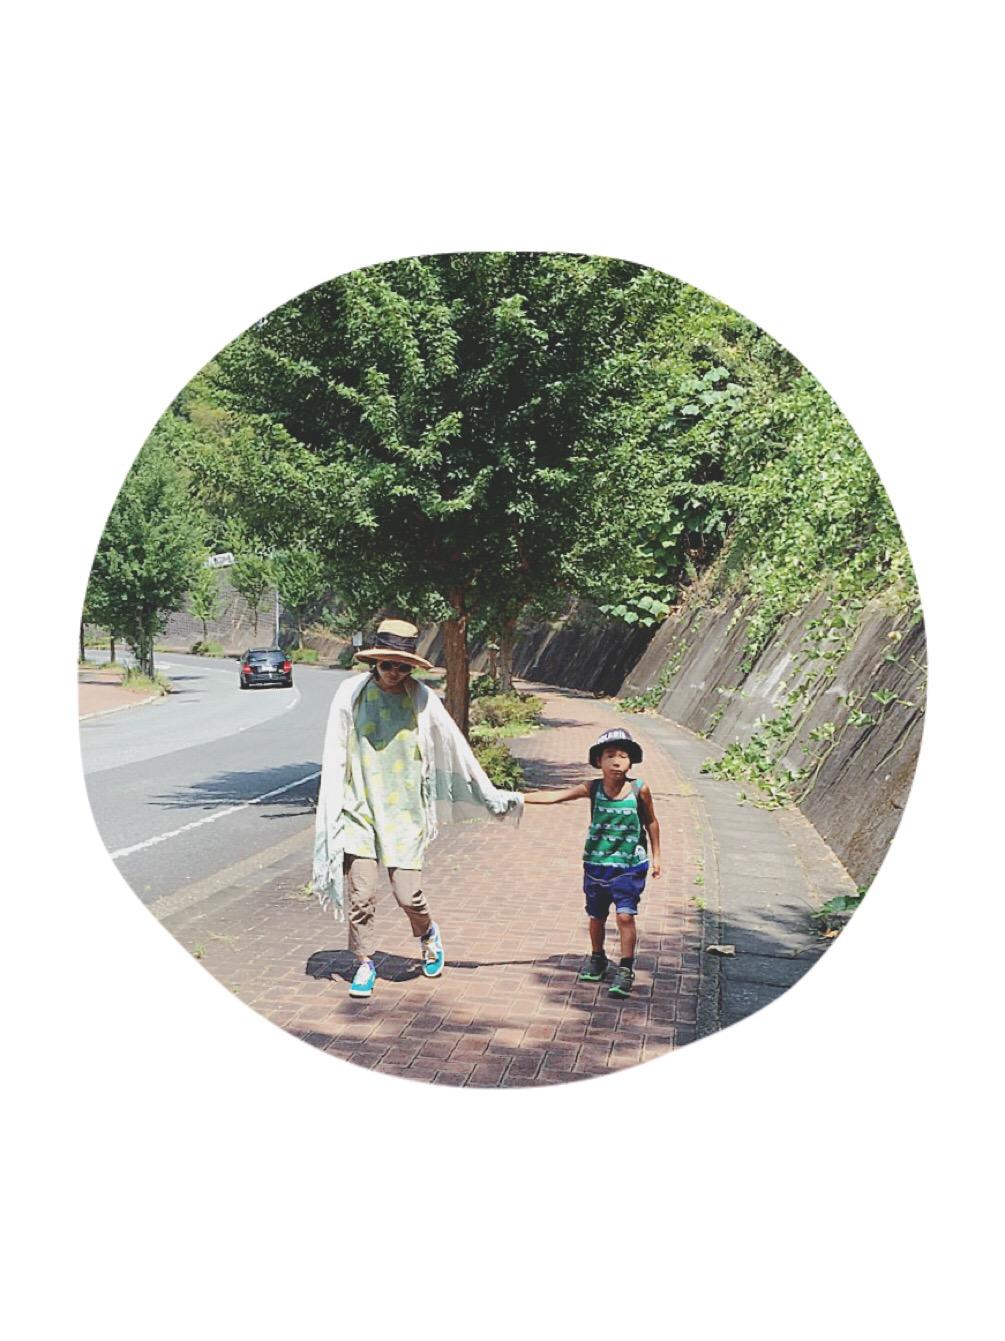 f0159313_16322999.jpg